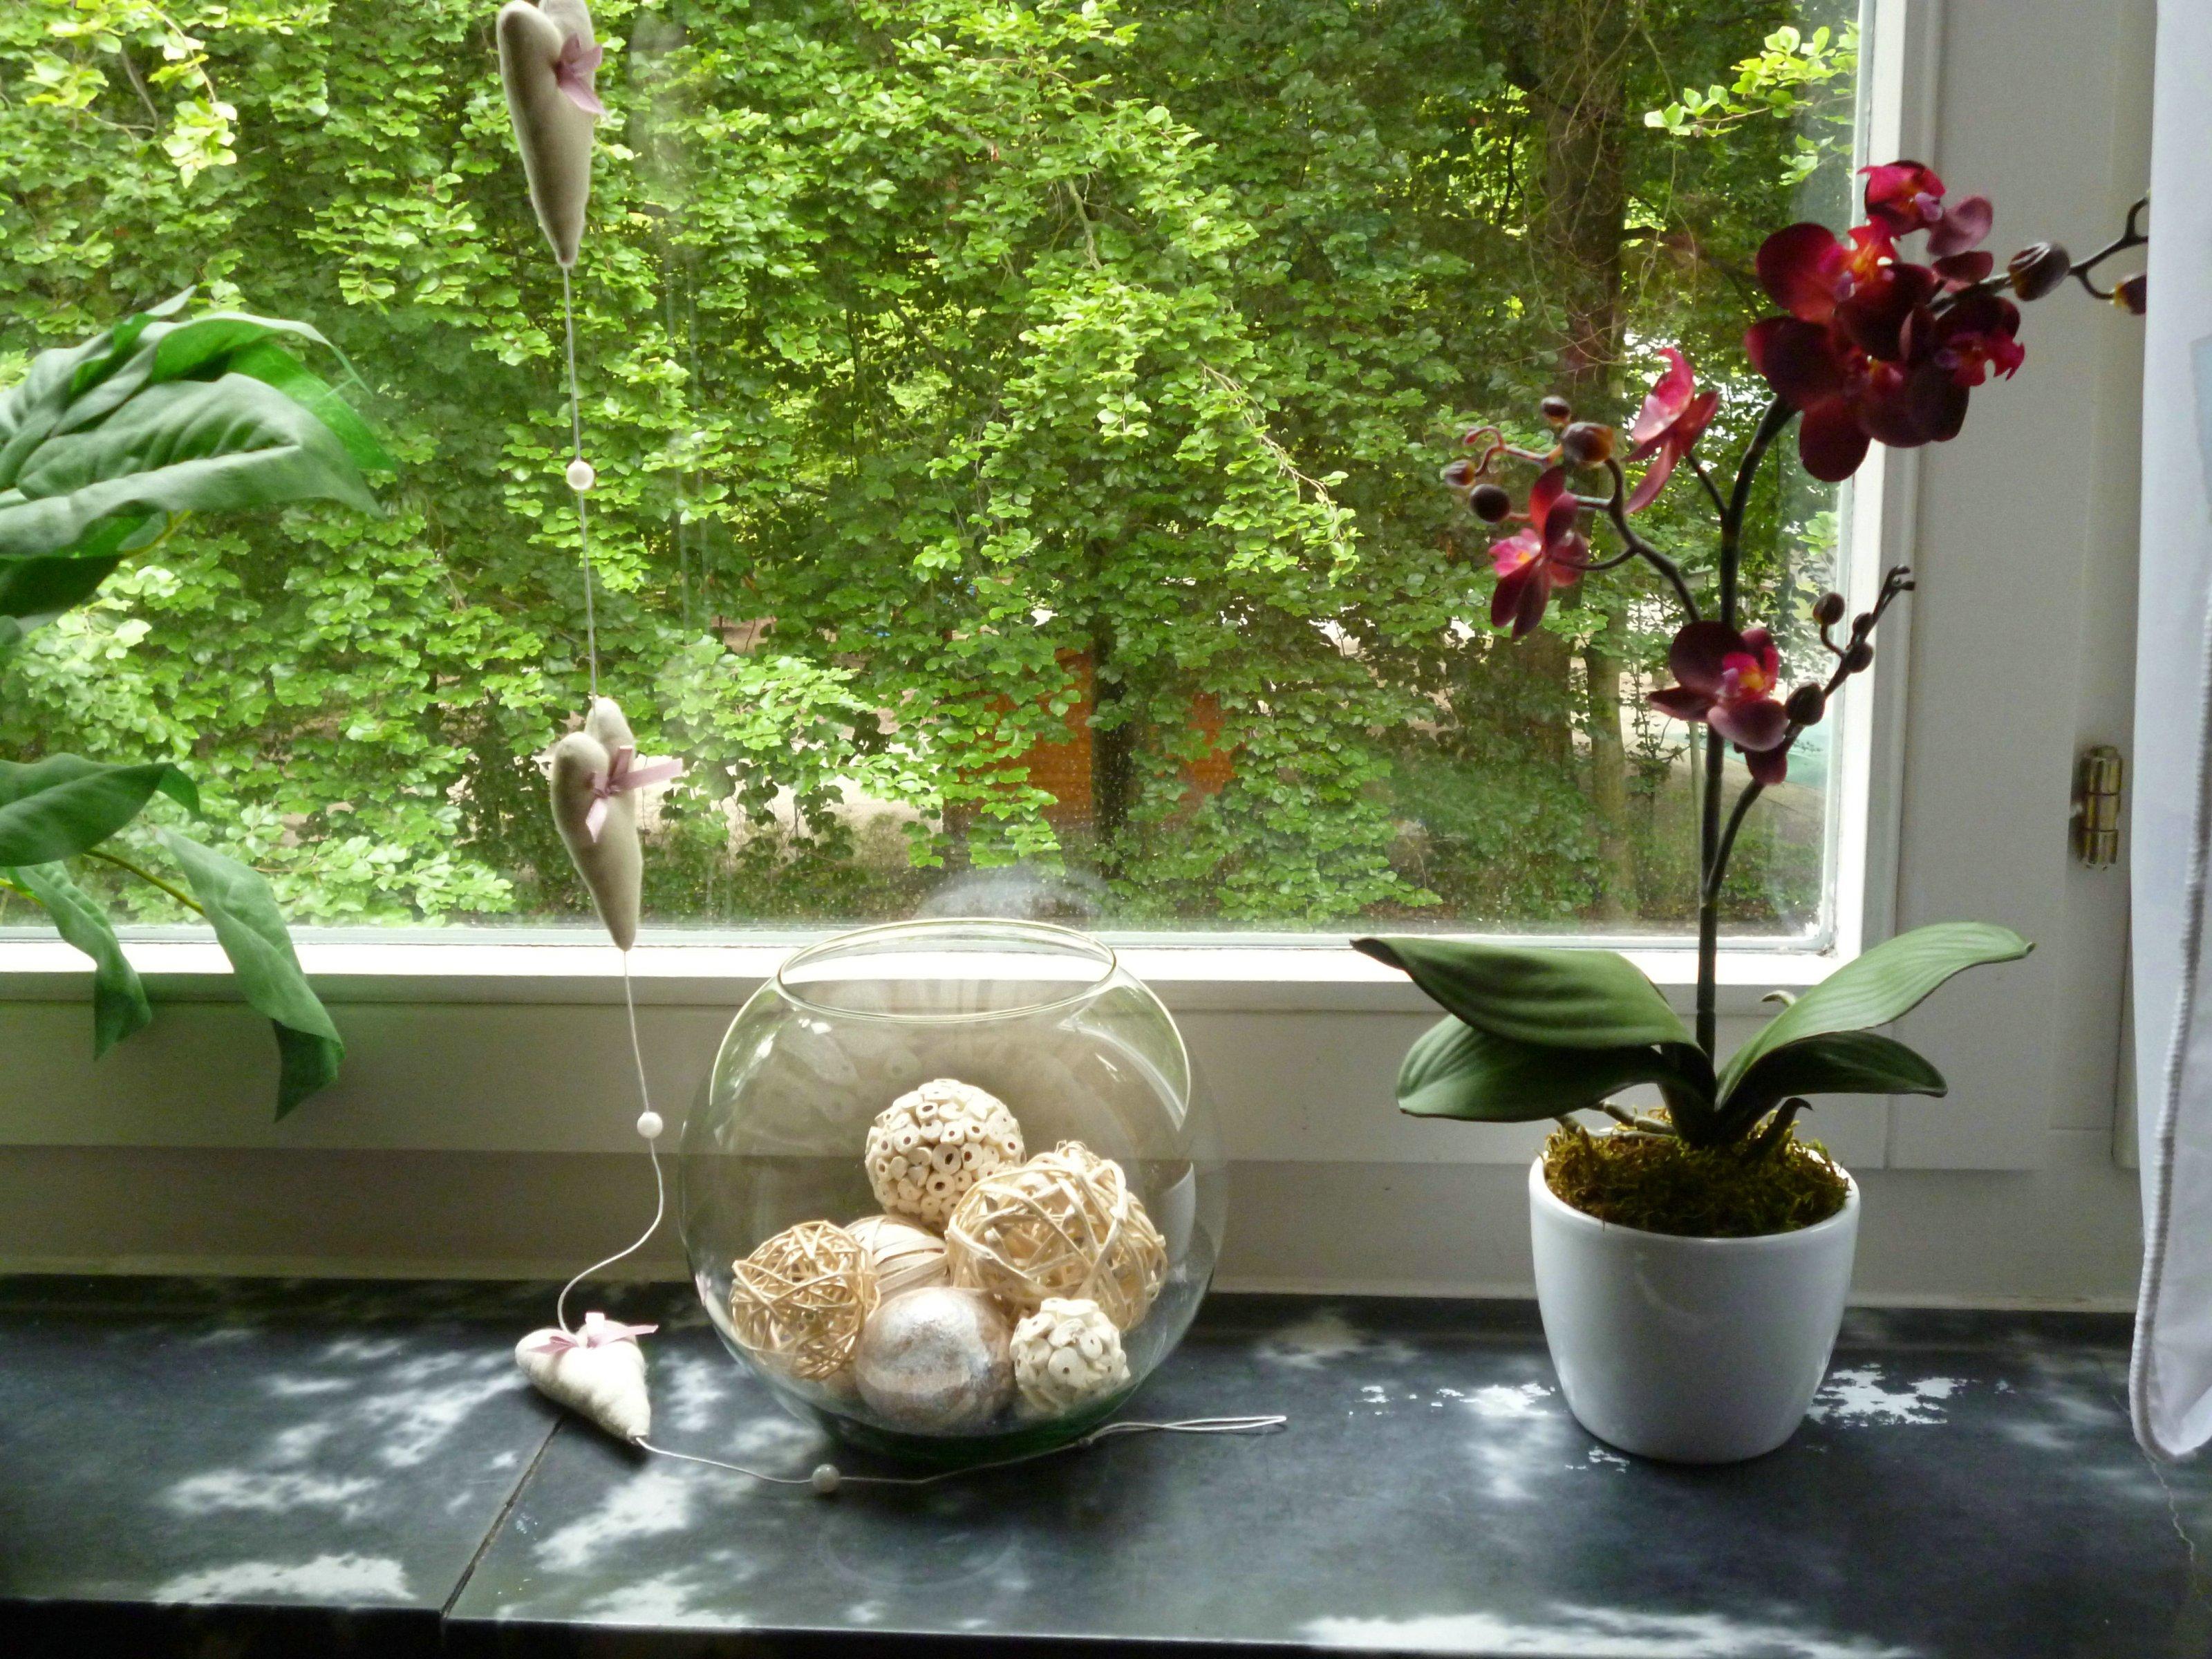 Wohnzimmer \'Fenster Deko\' - Unser gemütliches Heim - Zimmerschau